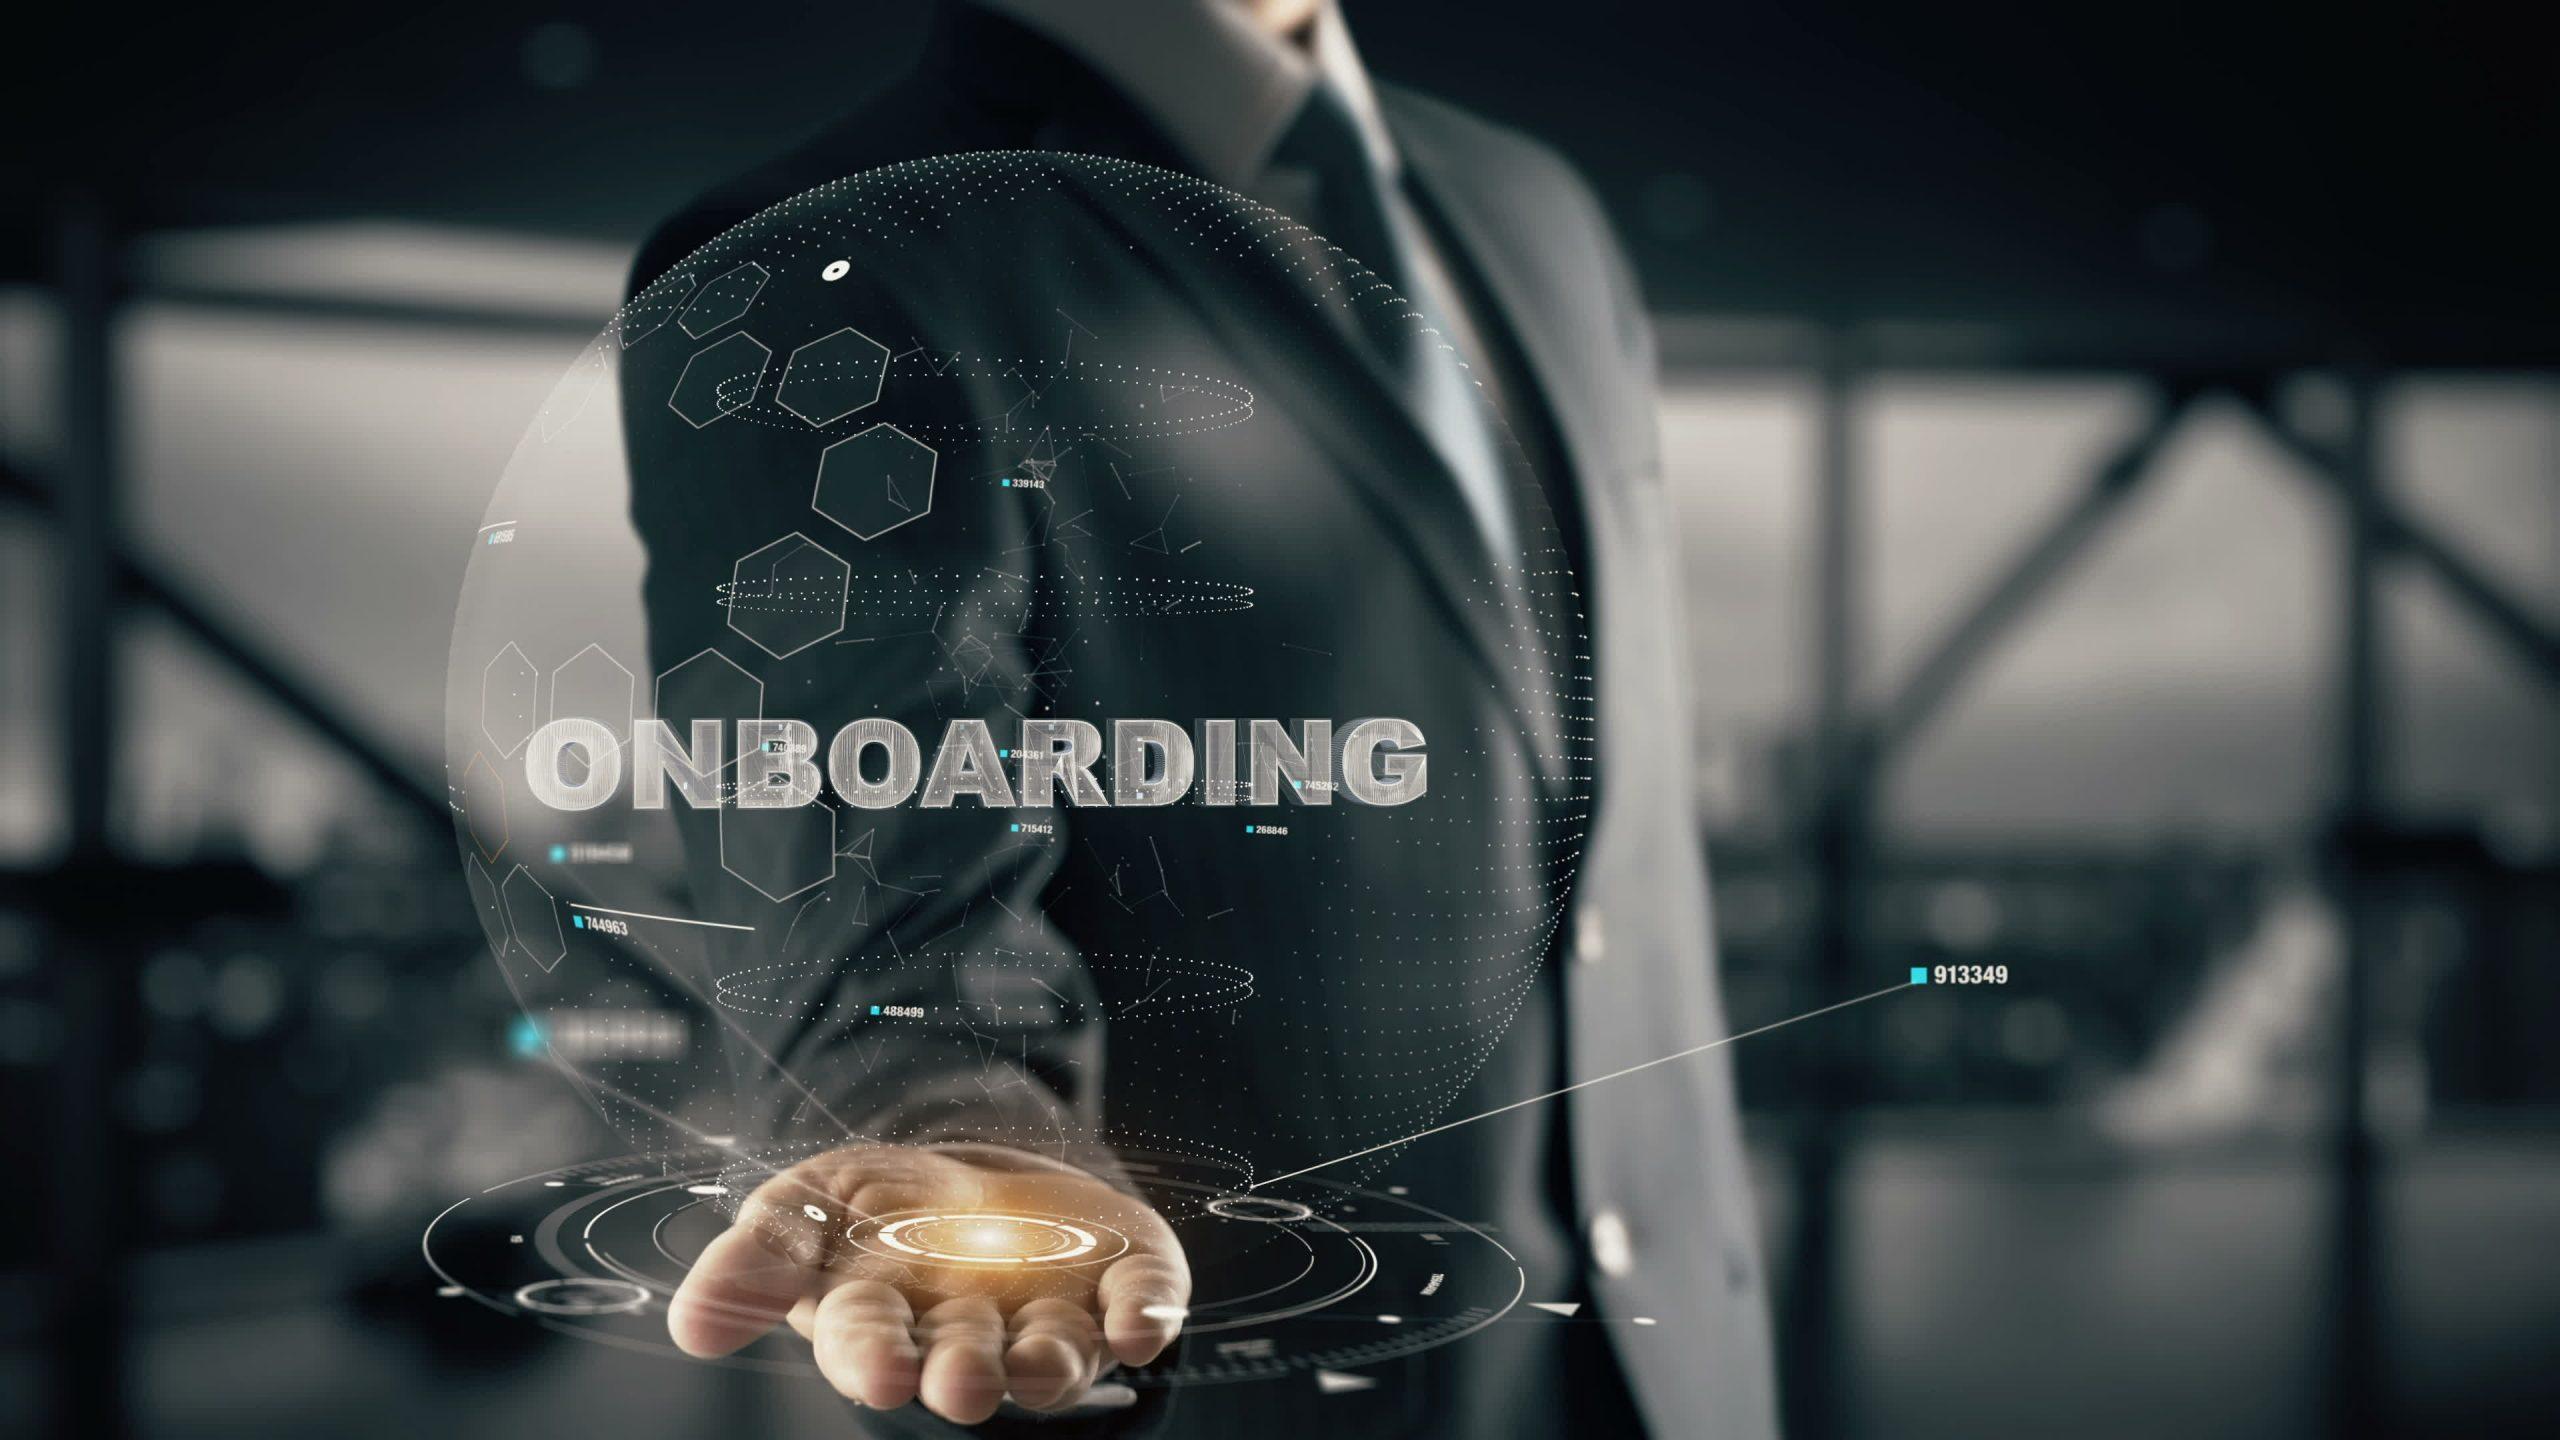 Onboarding, colocando o time pra jogo